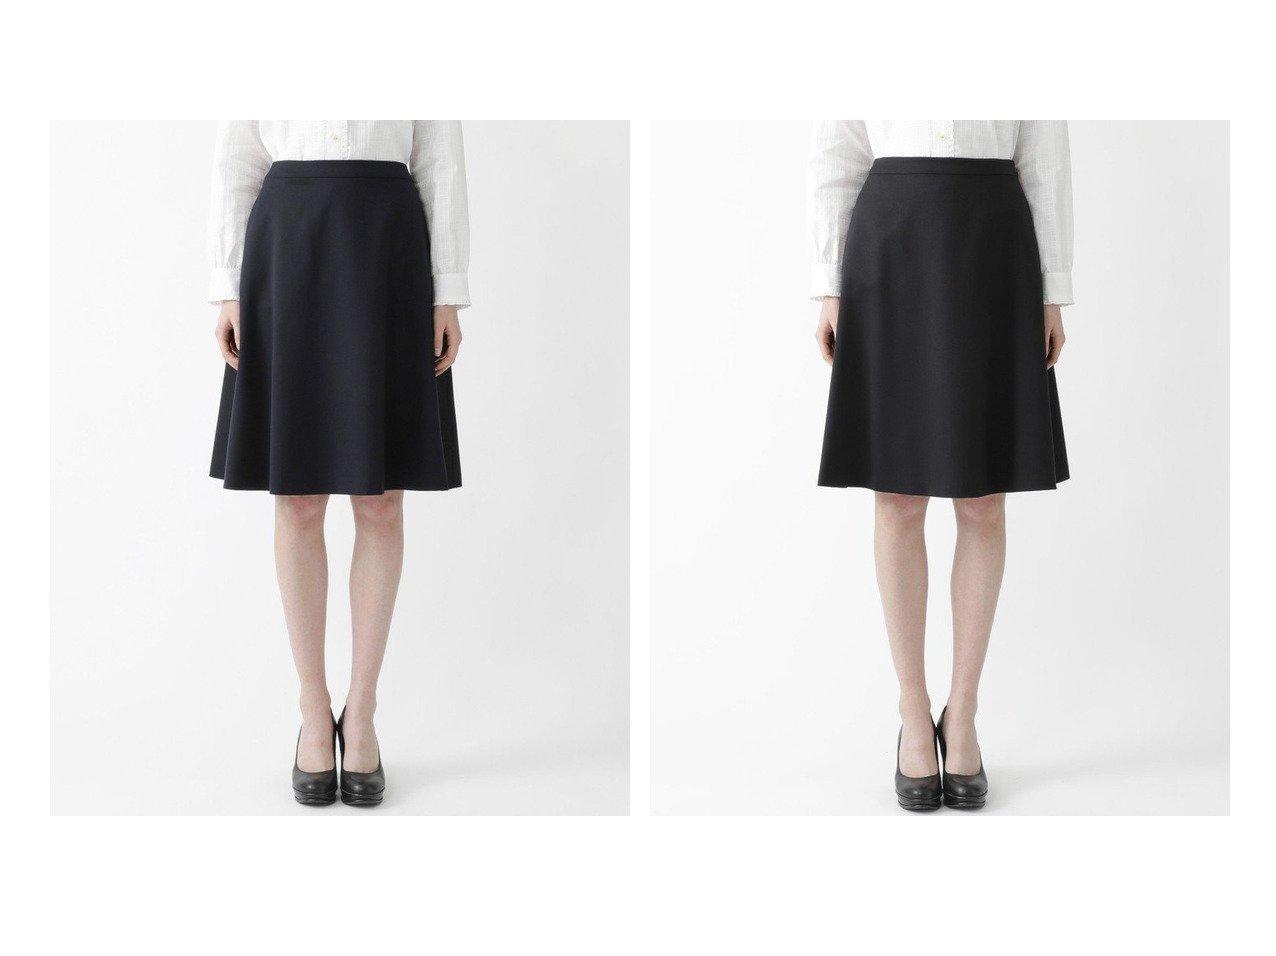 【BLUE LABEL CRESTBRIDGE/ブルーレーベル クレストブリッジ】のエレガントギャバジンフレアスカート スカートのおすすめ!人気、トレンド・レディースファッションの通販  おすすめで人気の流行・トレンド、ファッションの通販商品 メンズファッション・キッズファッション・インテリア・家具・レディースファッション・服の通販 founy(ファニー) https://founy.com/ ファッション Fashion レディースファッション WOMEN スカート Skirt Aライン/フレアスカート Flared A-Line Skirts フレア 再入荷 Restock/Back in Stock/Re Arrival  ID:crp329100000019229